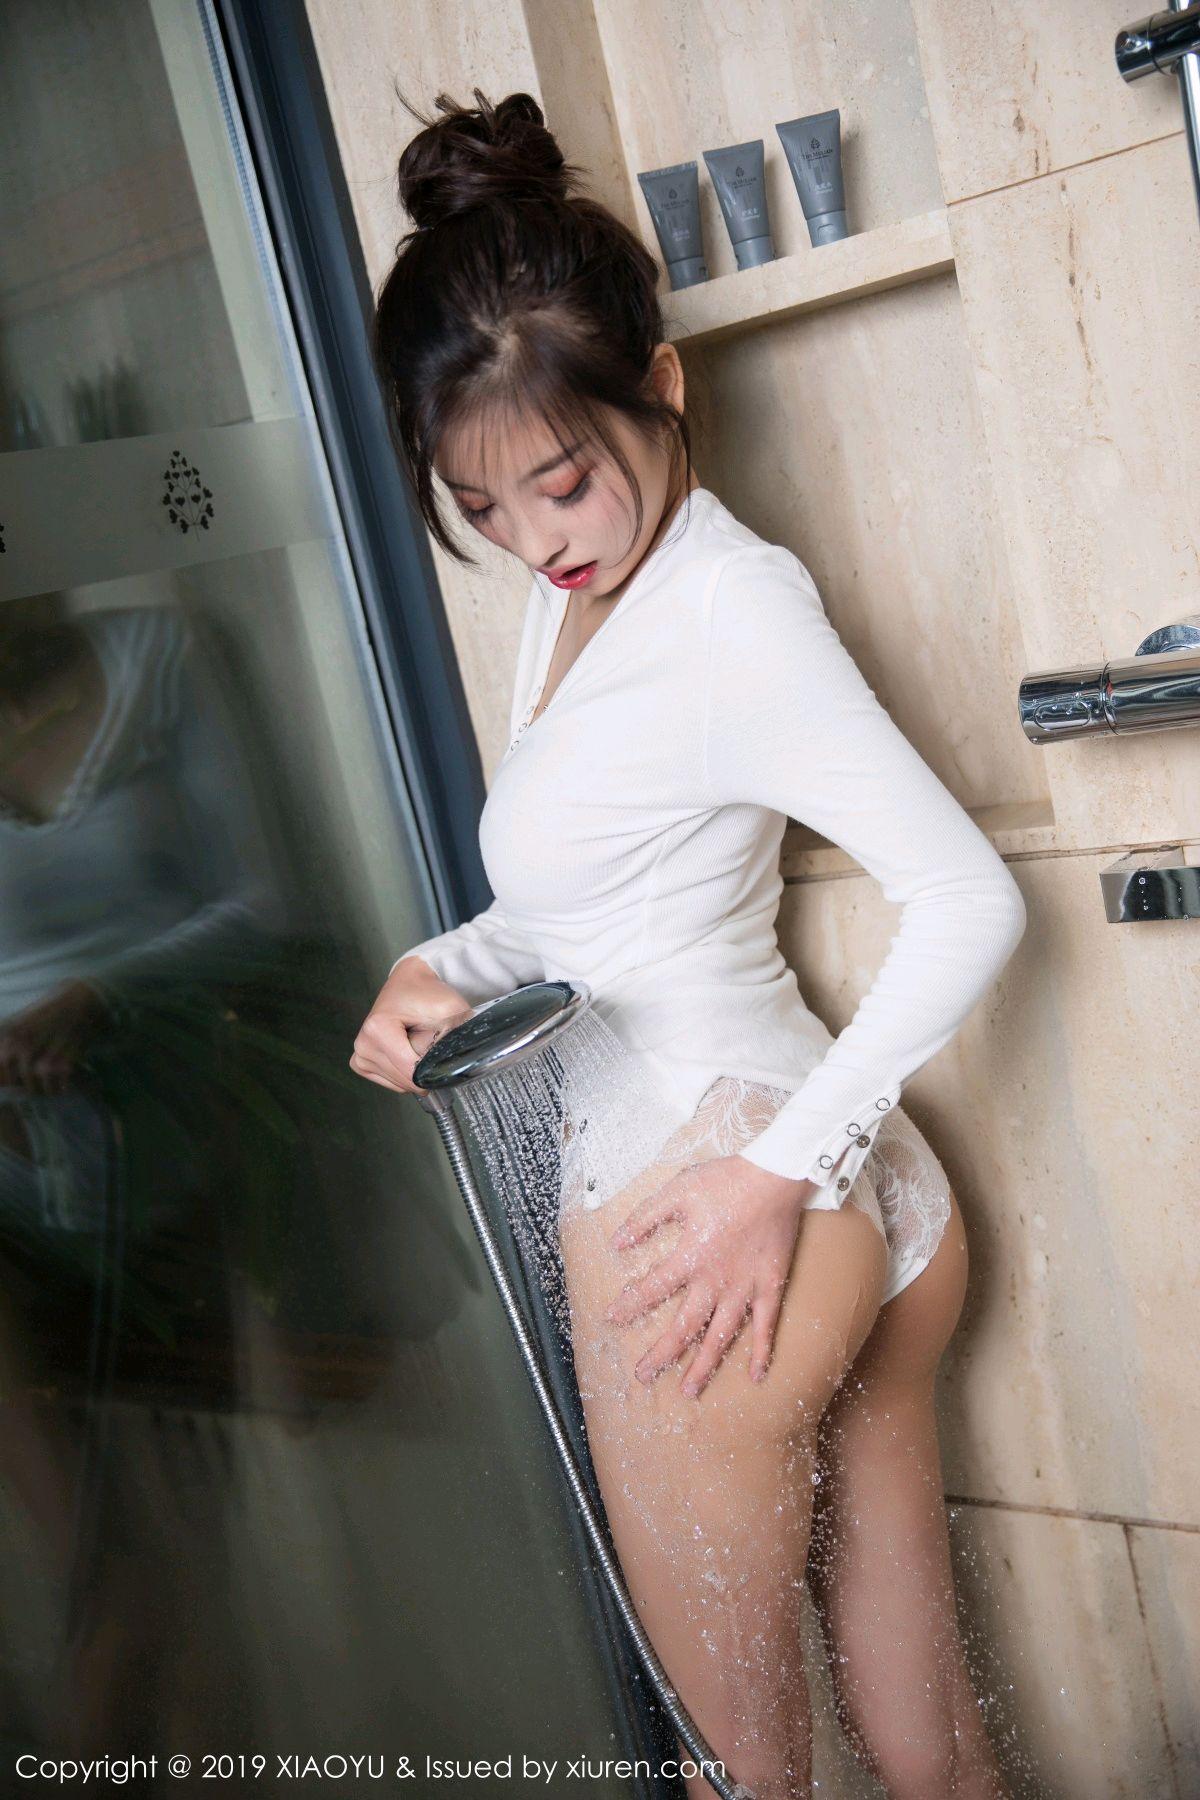 [XiaoYu] Vol.025 Yang Chen Chen 20P, Bathroom, Wet, XiaoYu, Yang Chen Chen